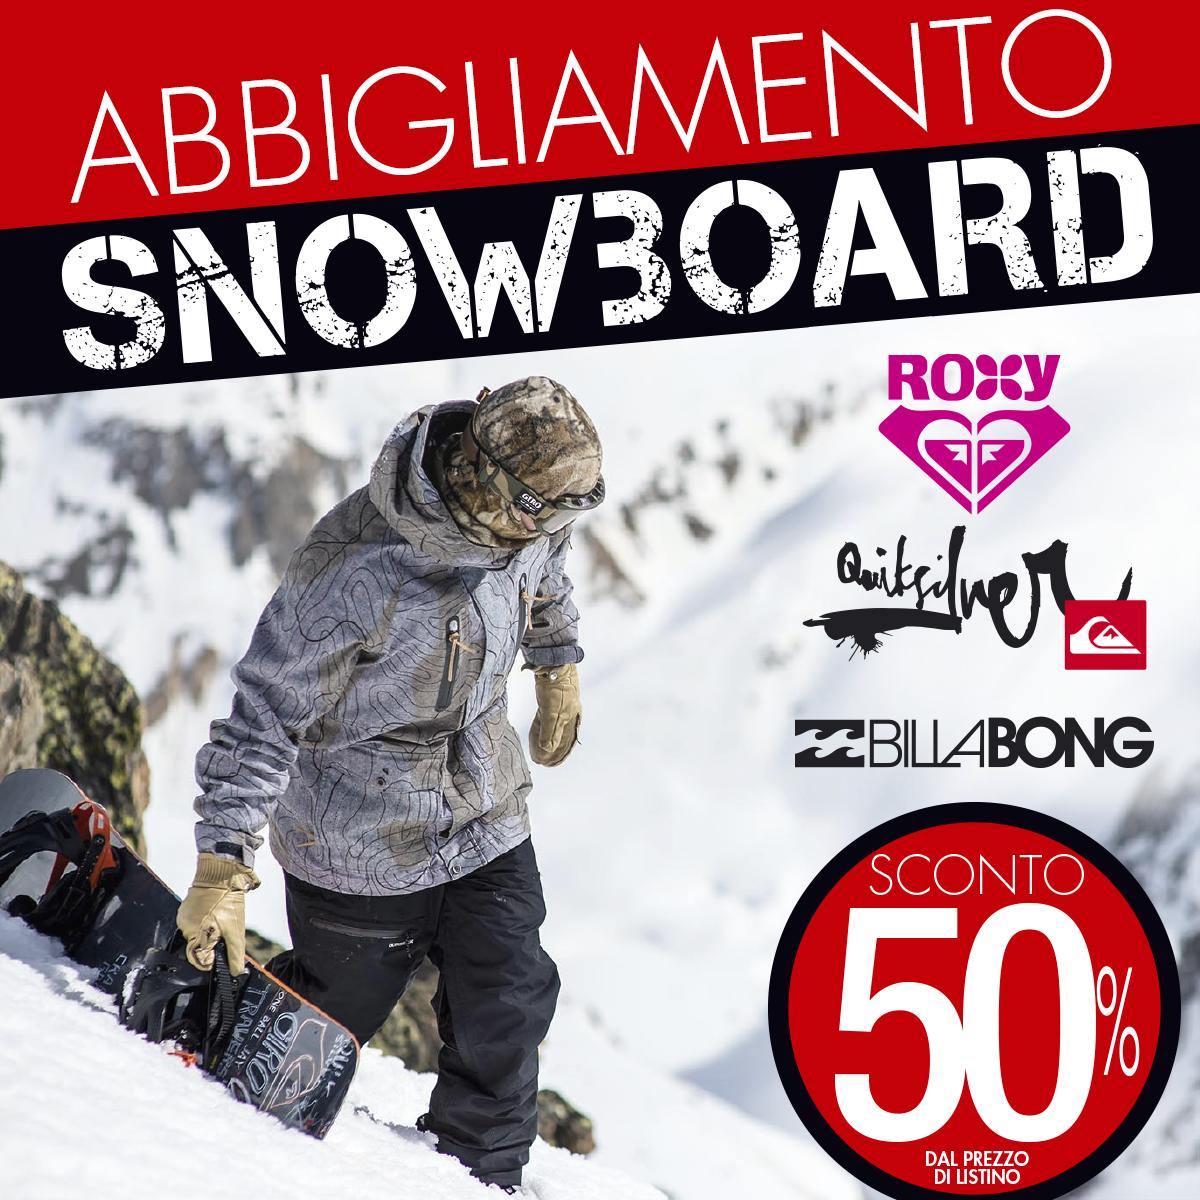 Promo-Vernante-Cuneo_bannerFacebook